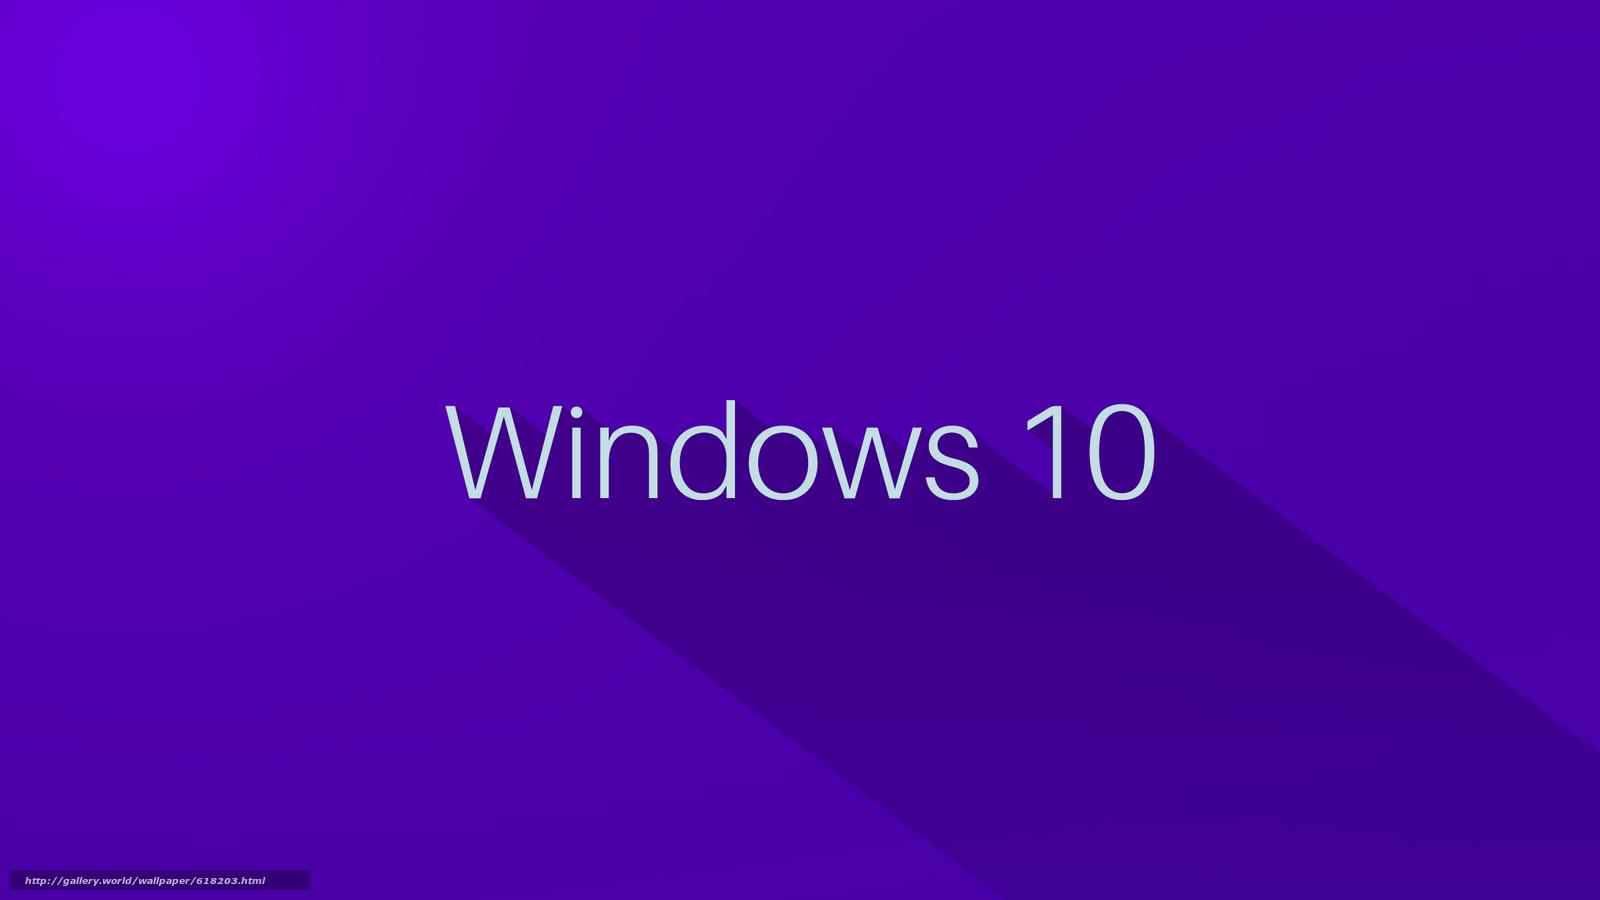 Скачать на телефон обои фото картинку на тему windows 10, wallpaper, обои, разширение 2560x1440